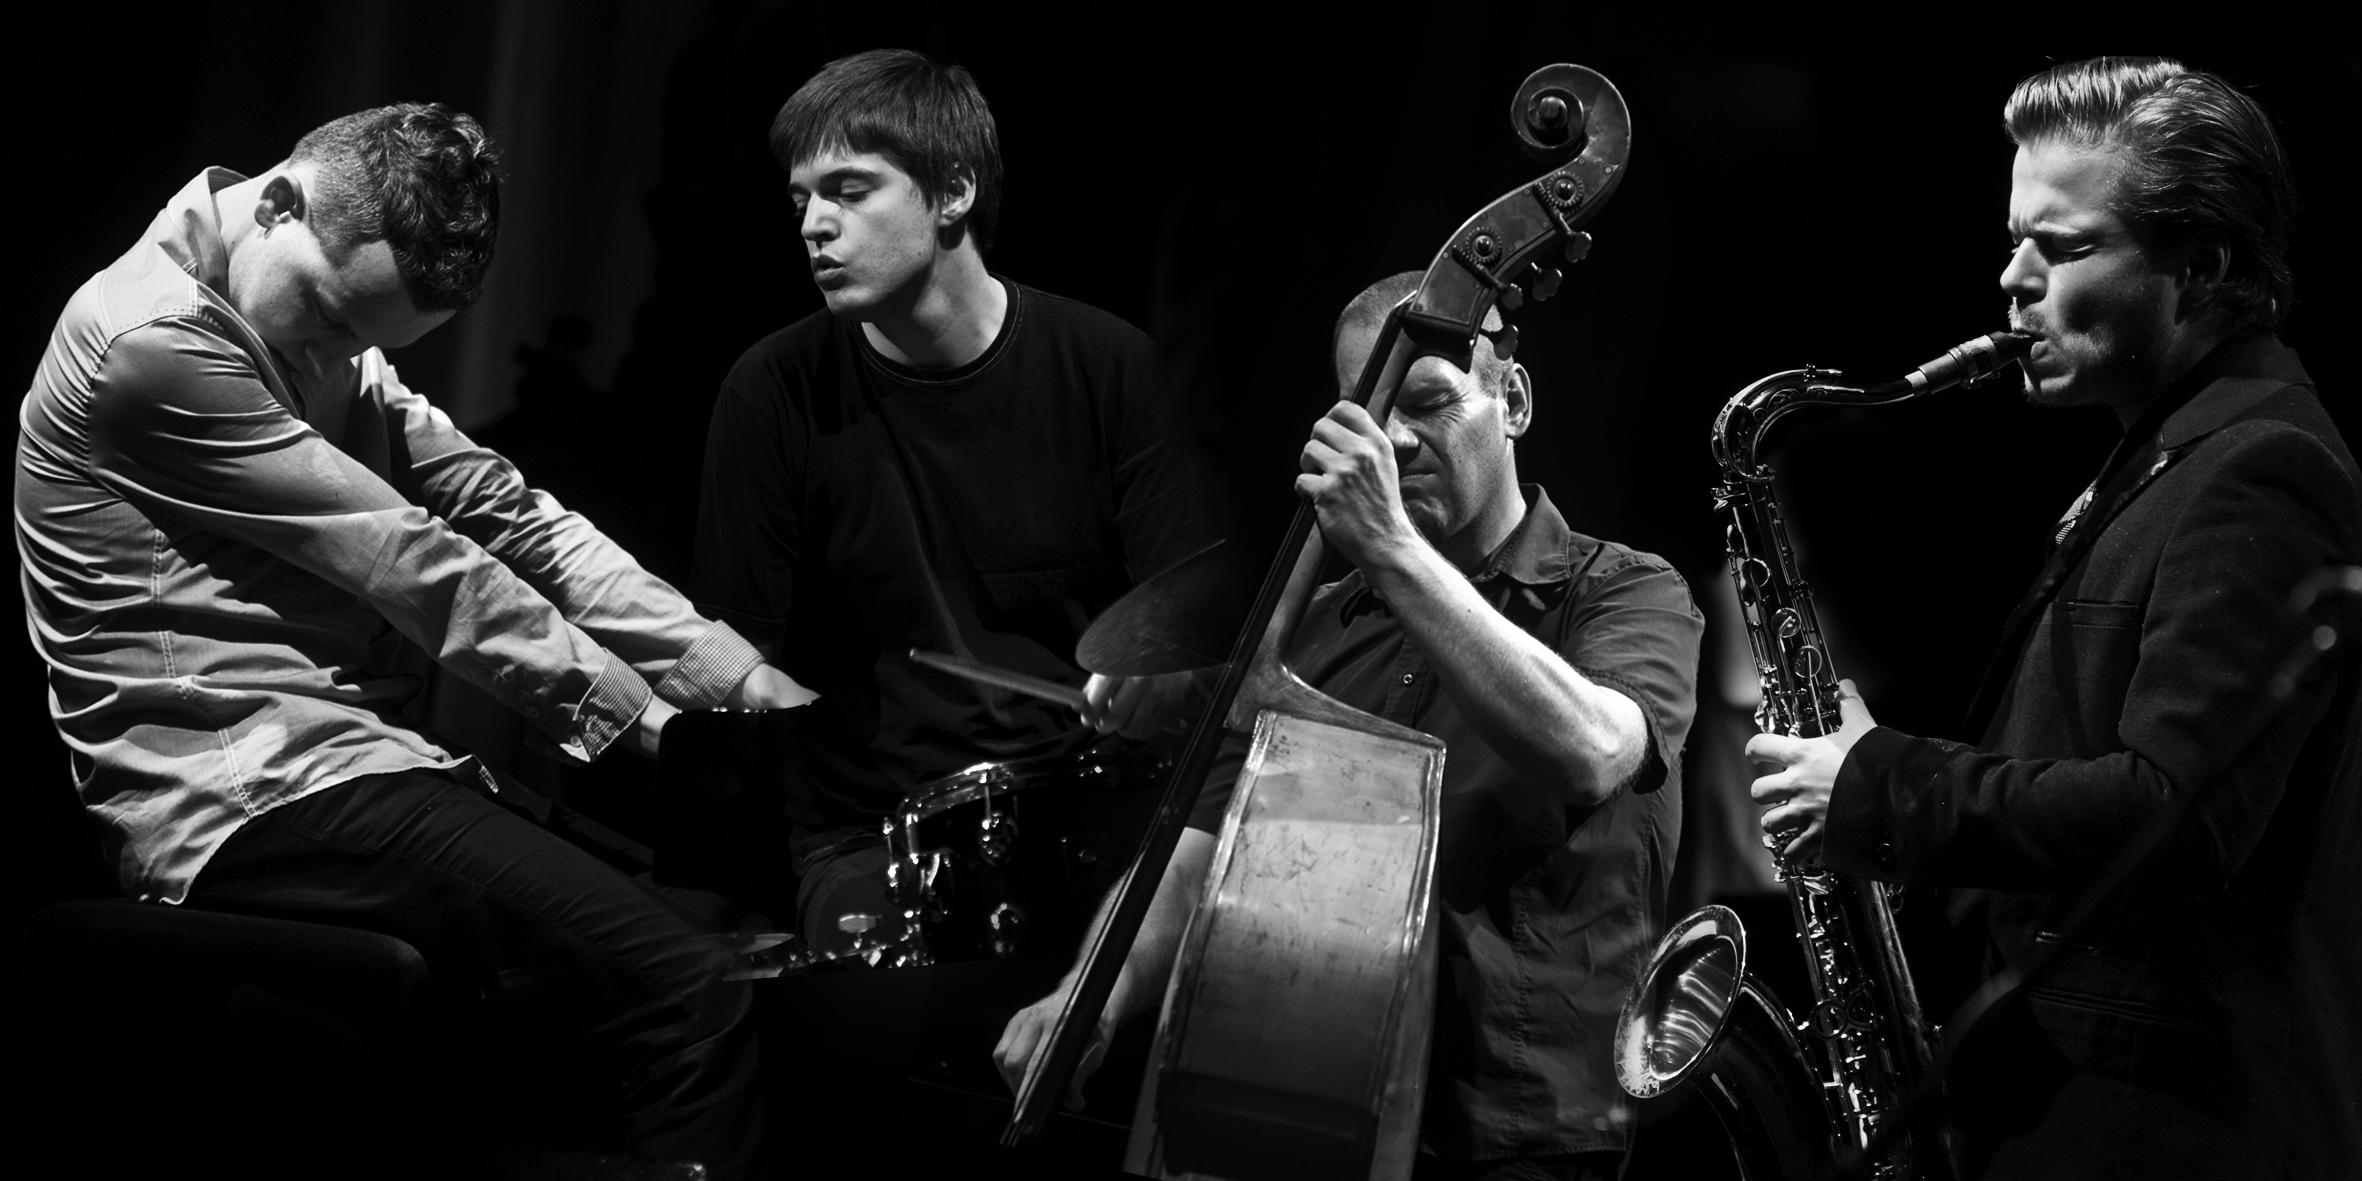 Audiofeeling Band (źródło: materiały prasowe zespołu)